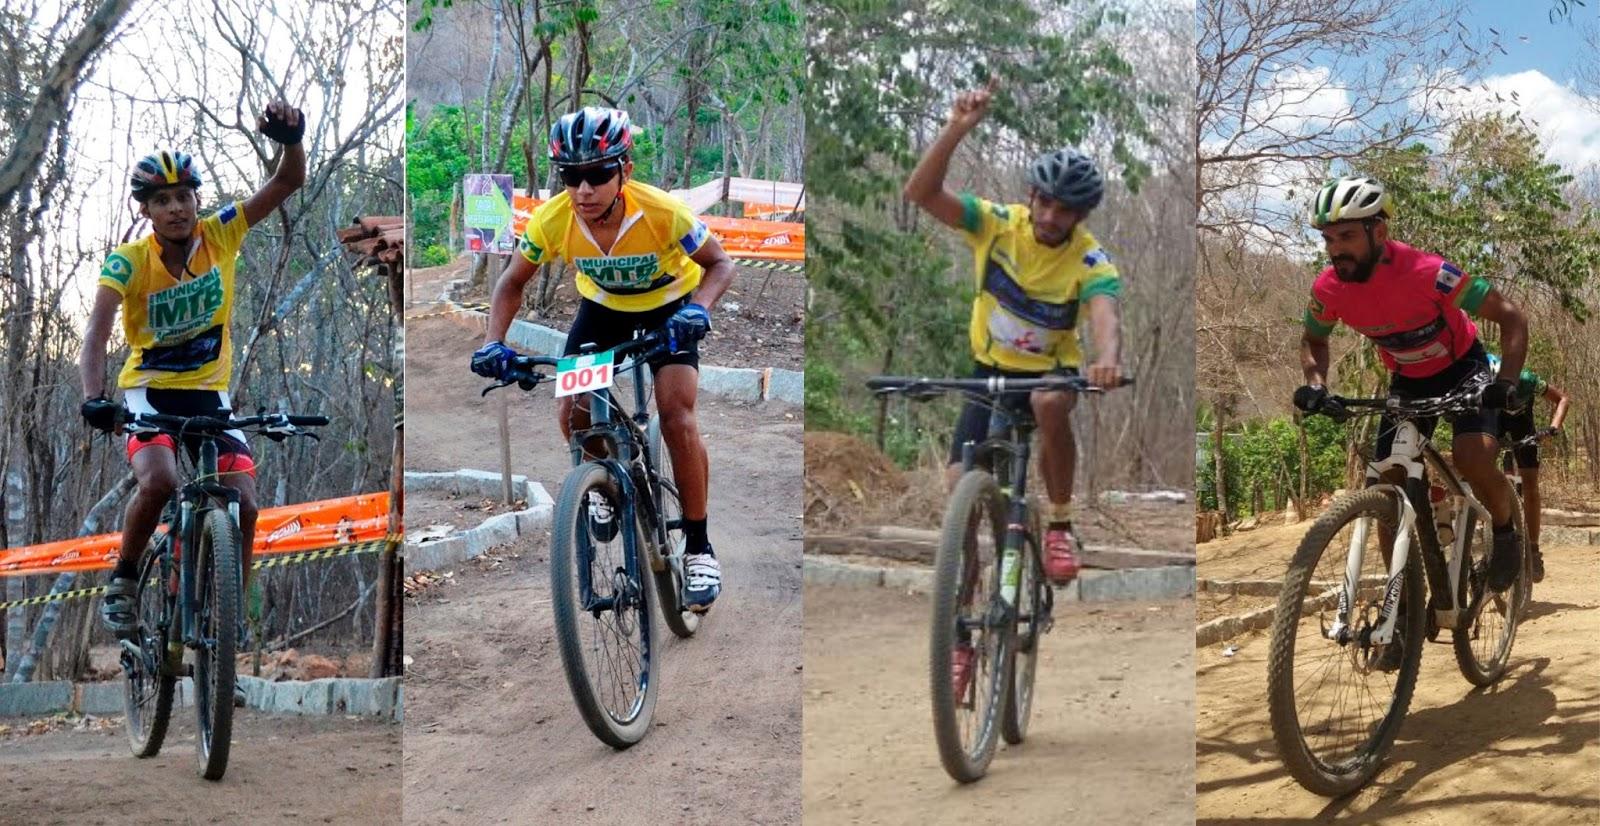 Blog de Altaneira: Os Campeões do Municipal MTB de Altaneira